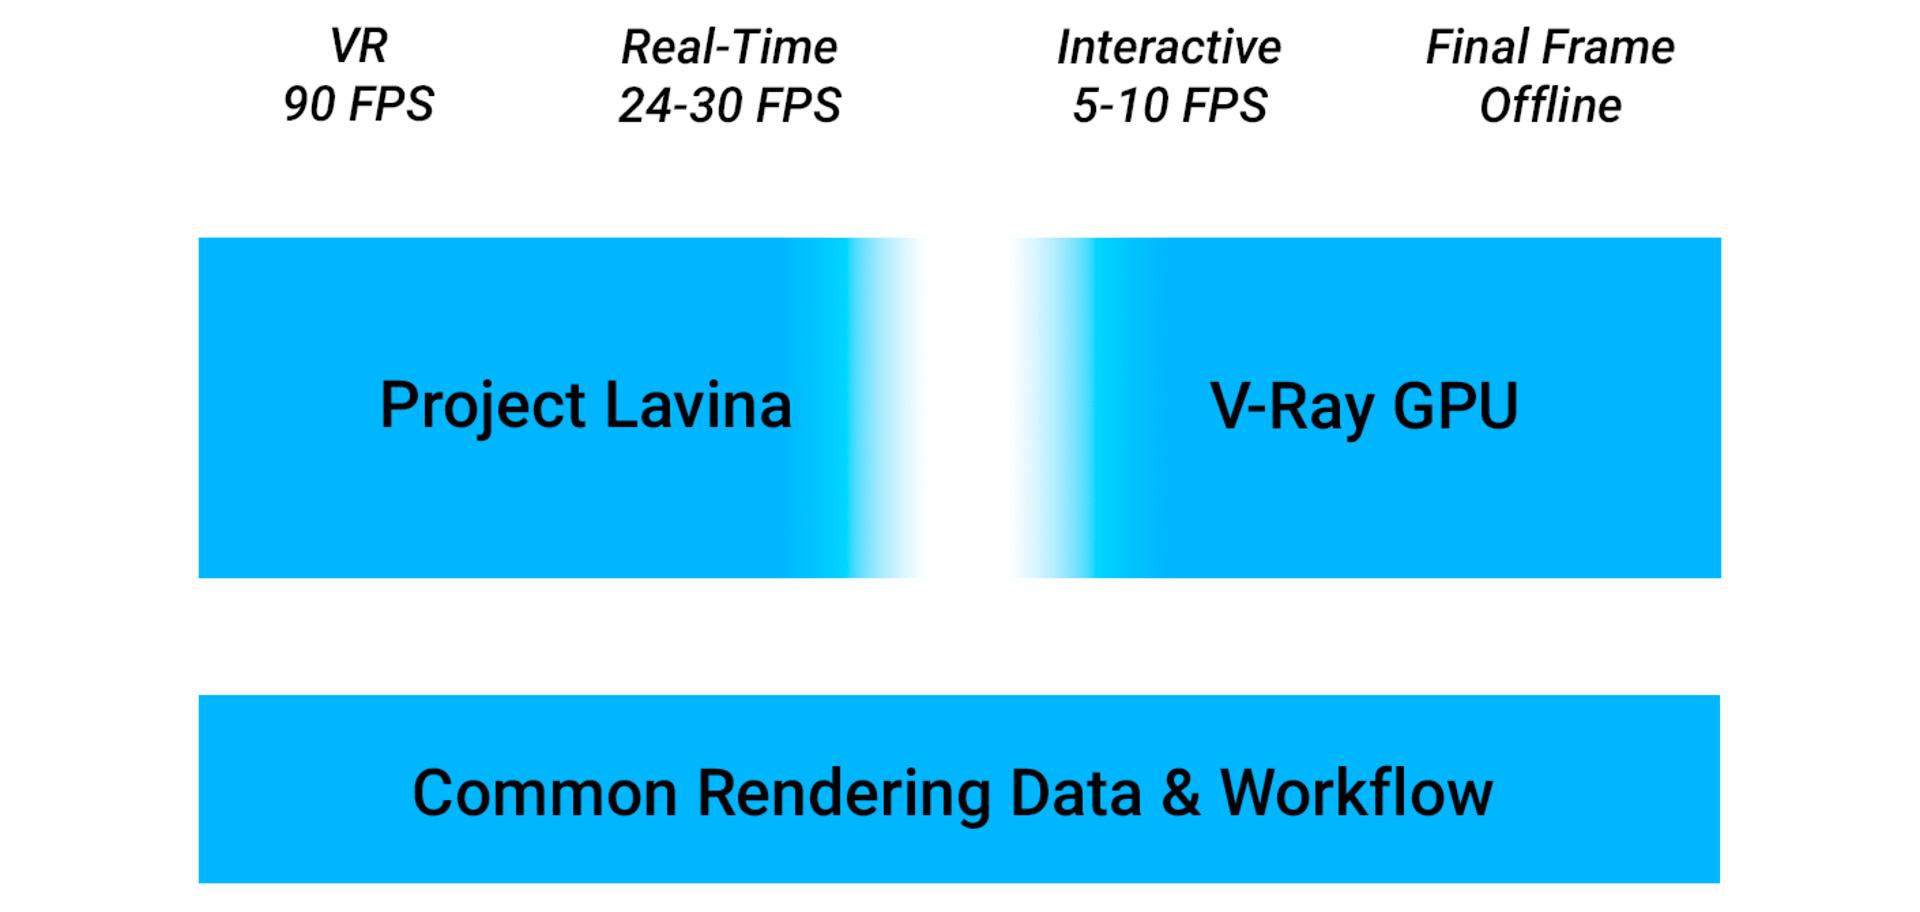 3ds max, Chaos Group, computer graphics, curso computer graphics, curso Vray barcelona, curso vray barcelona - mexico, DXR, hiperrealismo, Lavina Project, Maya, NVIDIA, Proyecto Lavina, renders, SIGGRAPH 2018, VRAY, Vray GPU